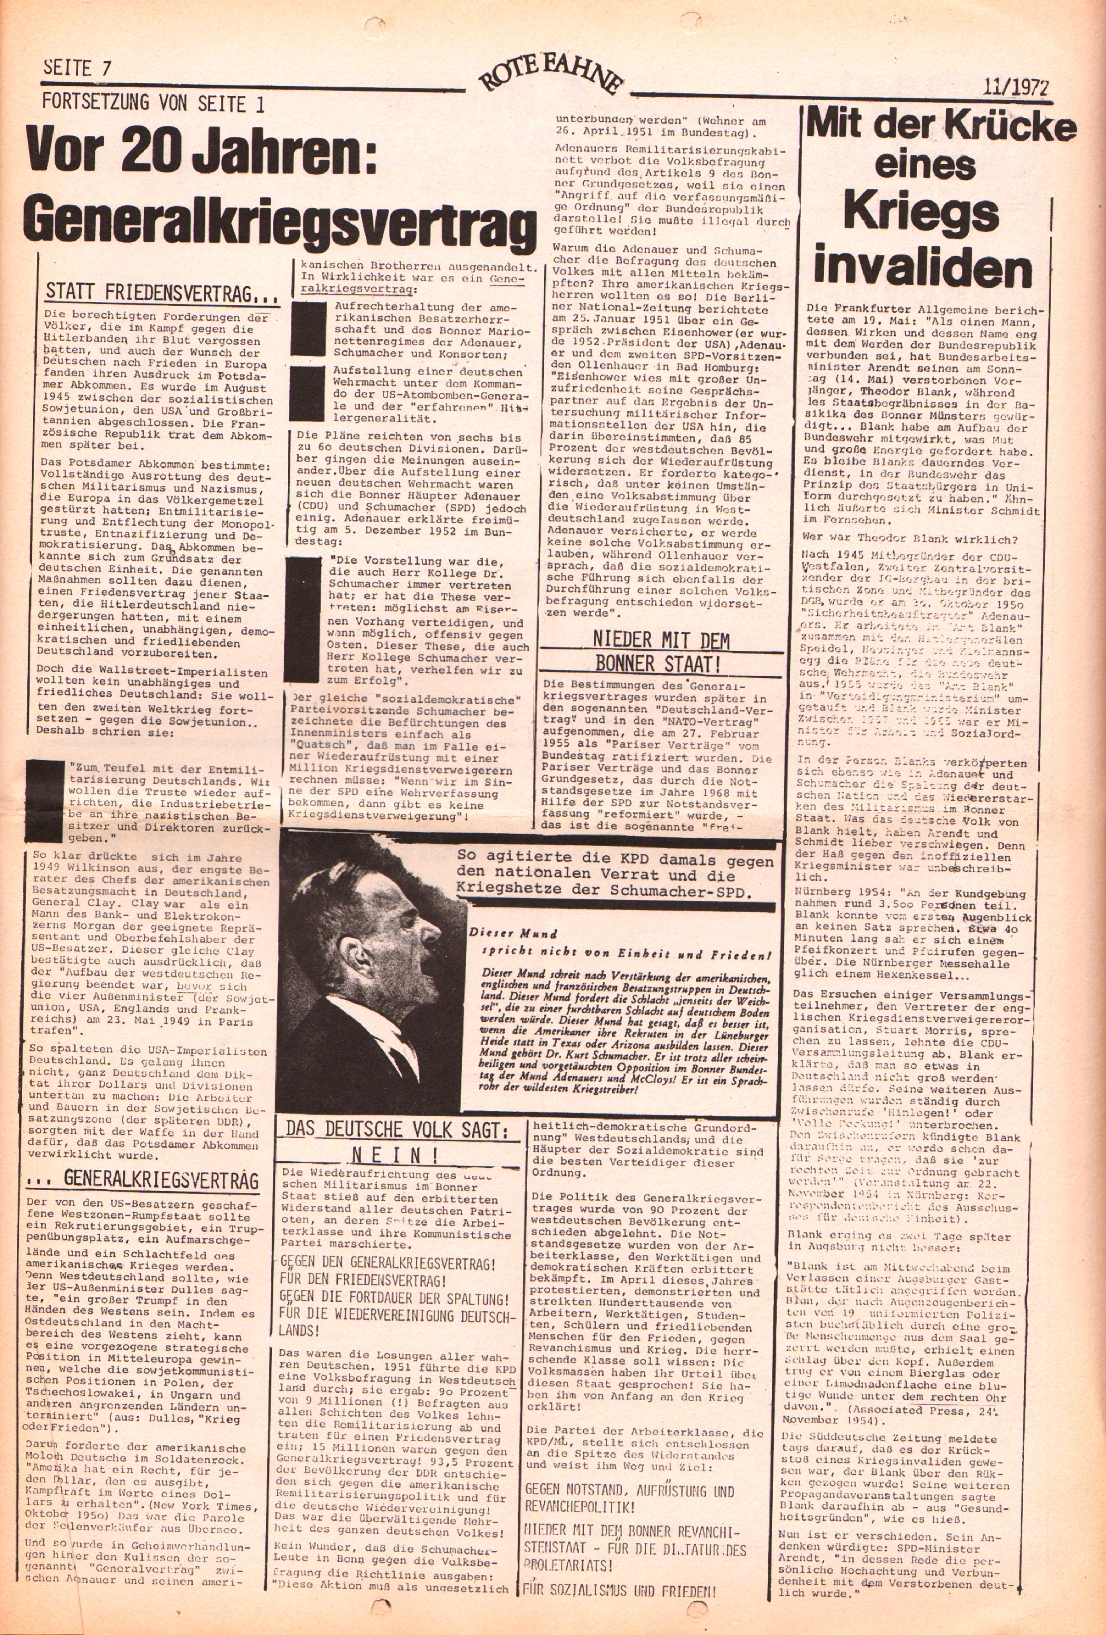 Rote Fahne, 3. Jg., 29.5.1972, Nr. 11, Seite 7